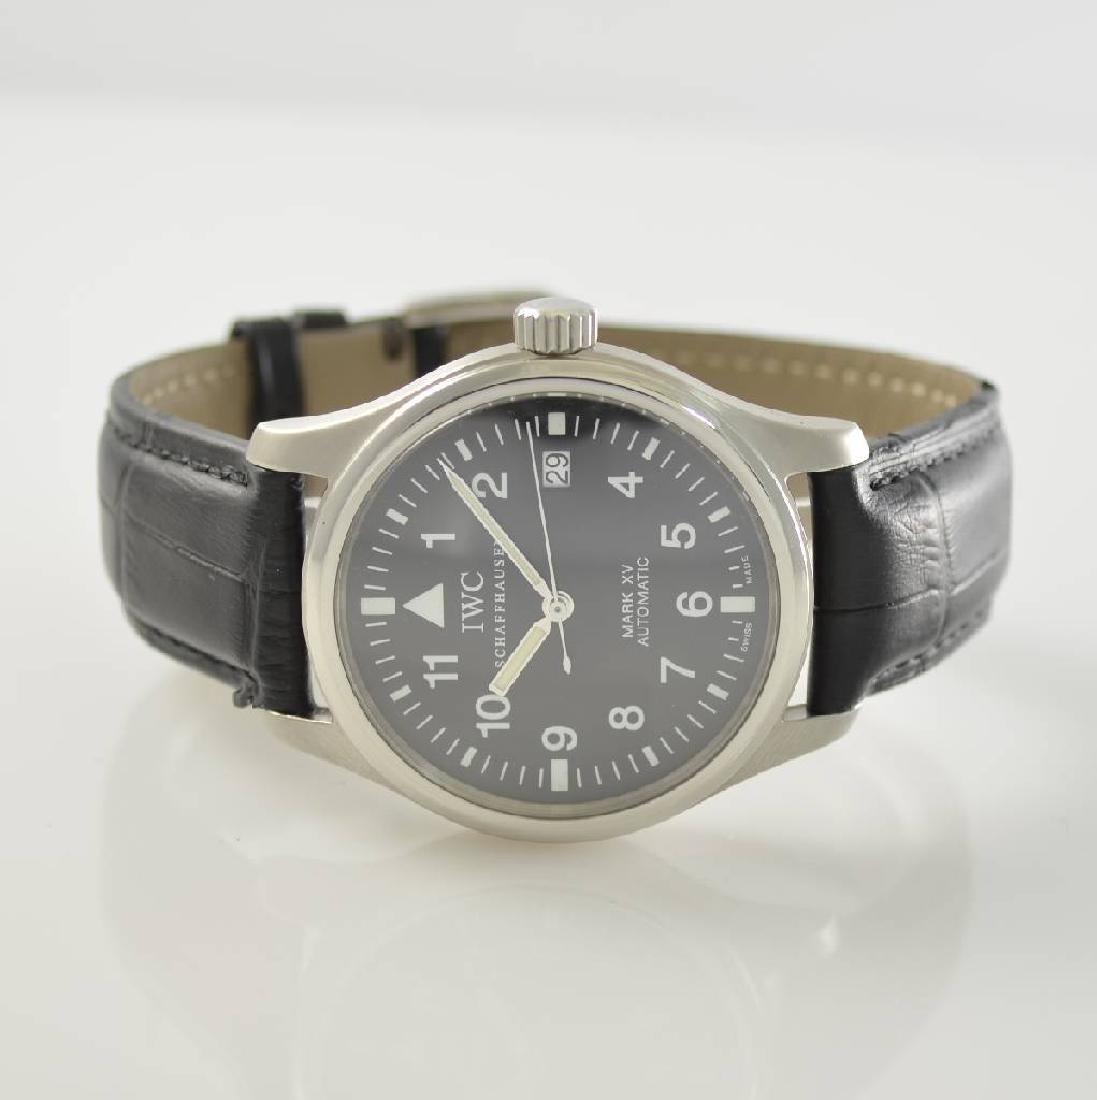 IWC gents wristwatch 'Die Fliegeruhr' Mark XV